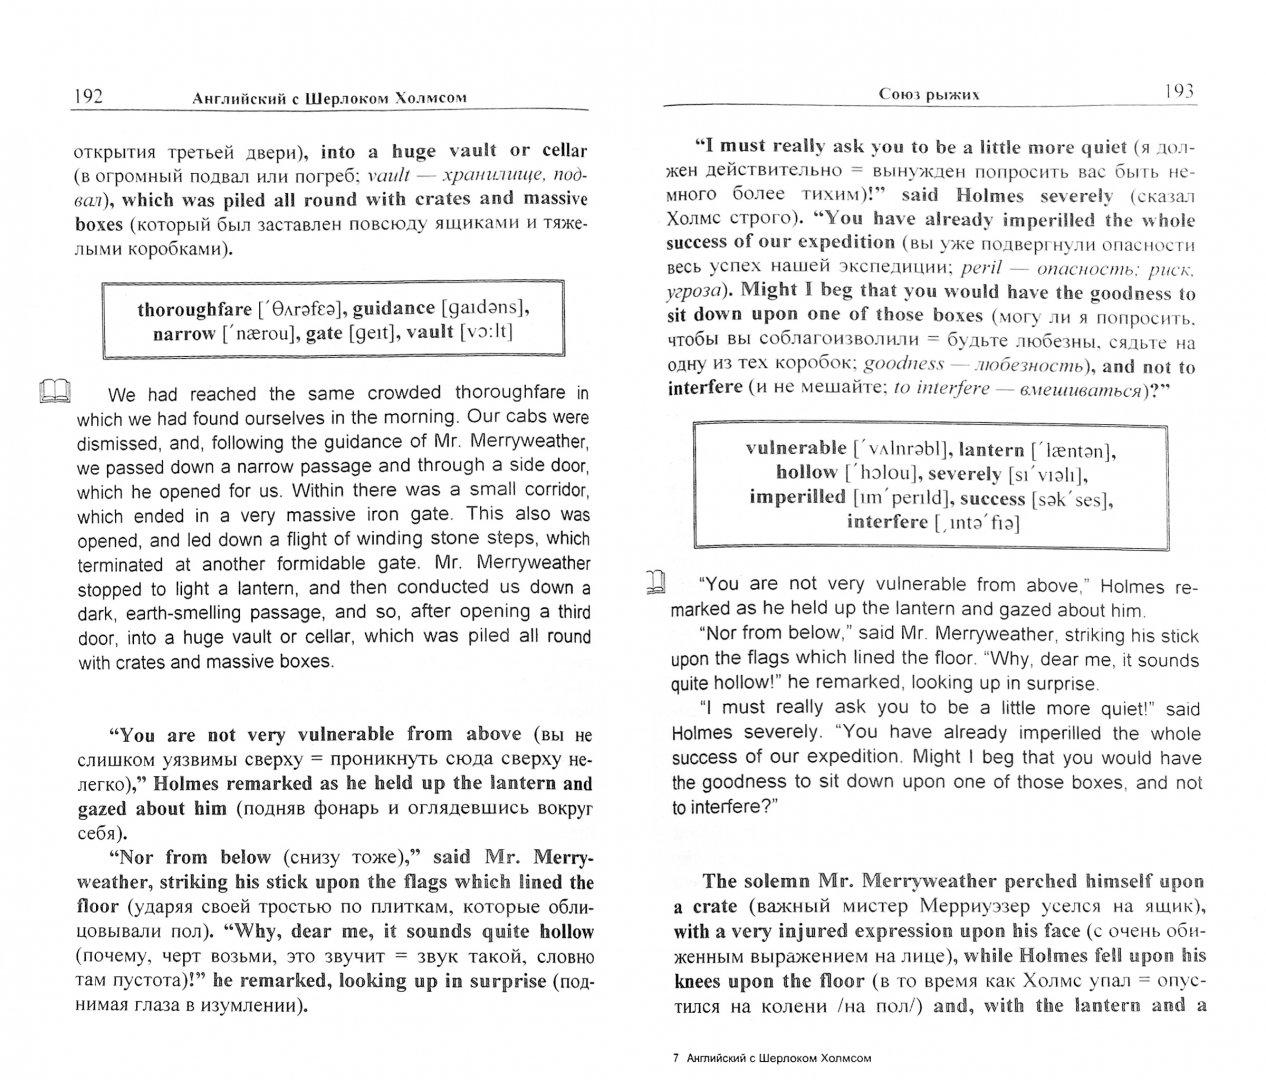 Иллюстрация 1 из 26 для Английский с Шерлоком Холмсом - Артур Дойл | Лабиринт - книги. Источник: Лабиринт